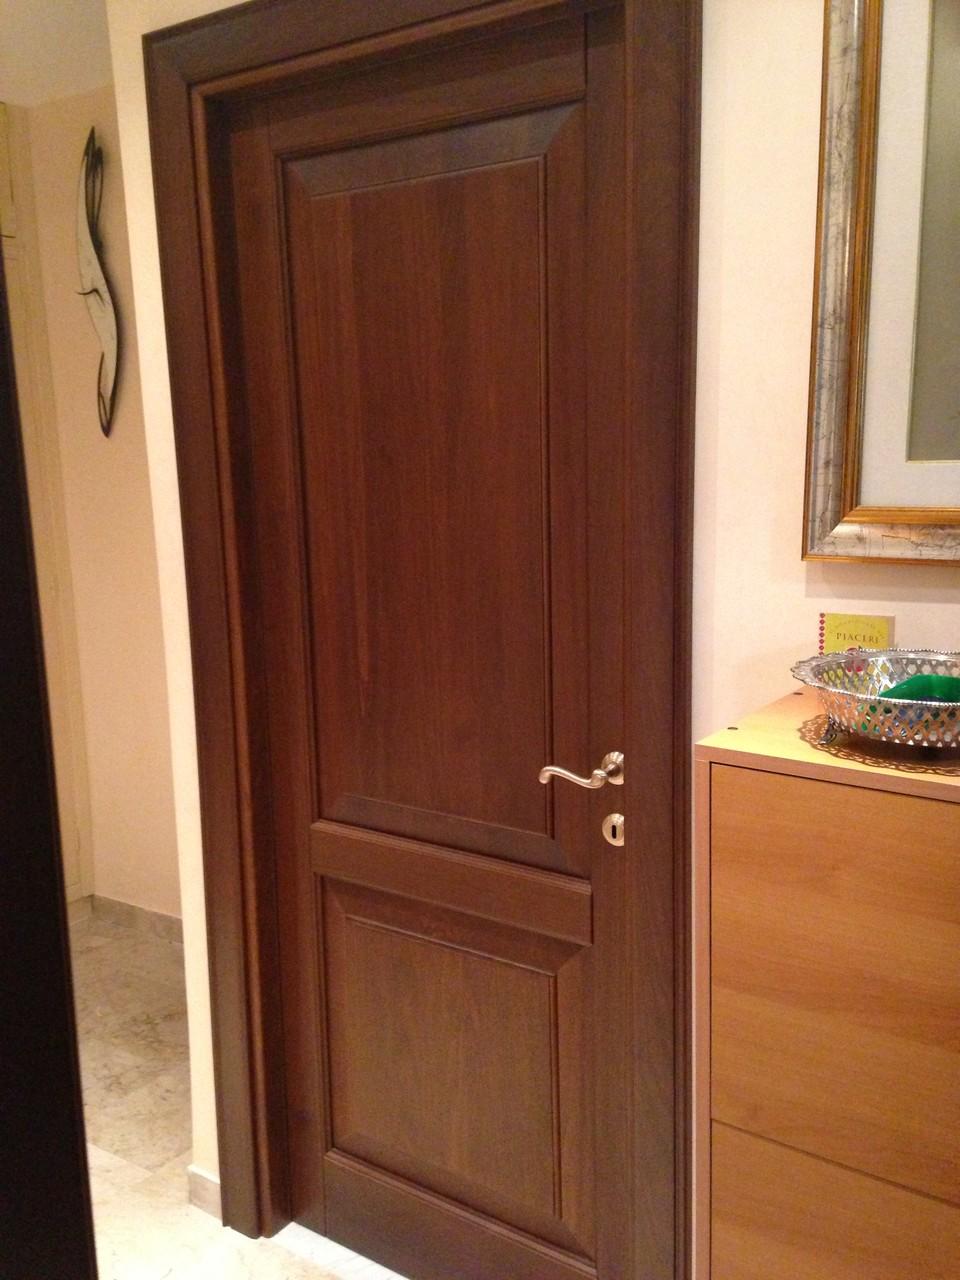 Fabbro serrature porte infissi cilindro europeo a roma e - Paletto porta blindata ...